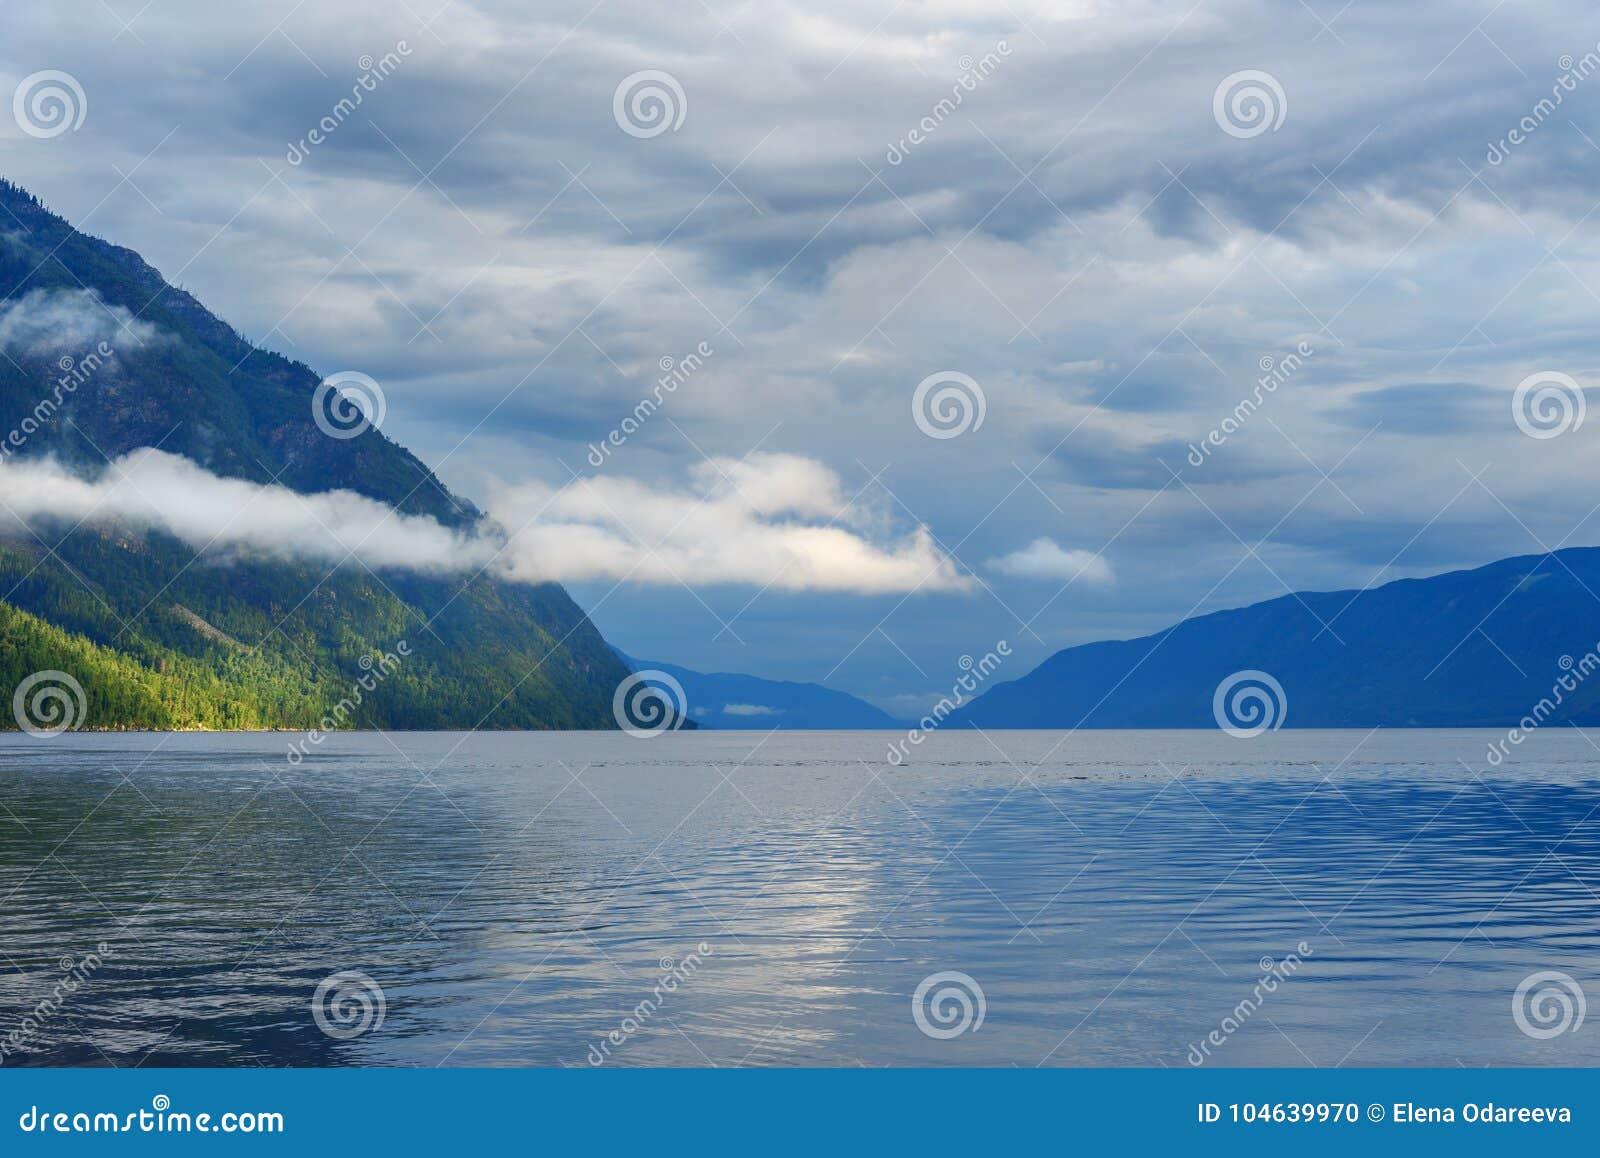 Download Teletskoyemeer In De Ochtend Mening Van Zuidelijke Kust Altairepubliek Rusland Stock Foto - Afbeelding bestaande uit landschap, bank: 104639970